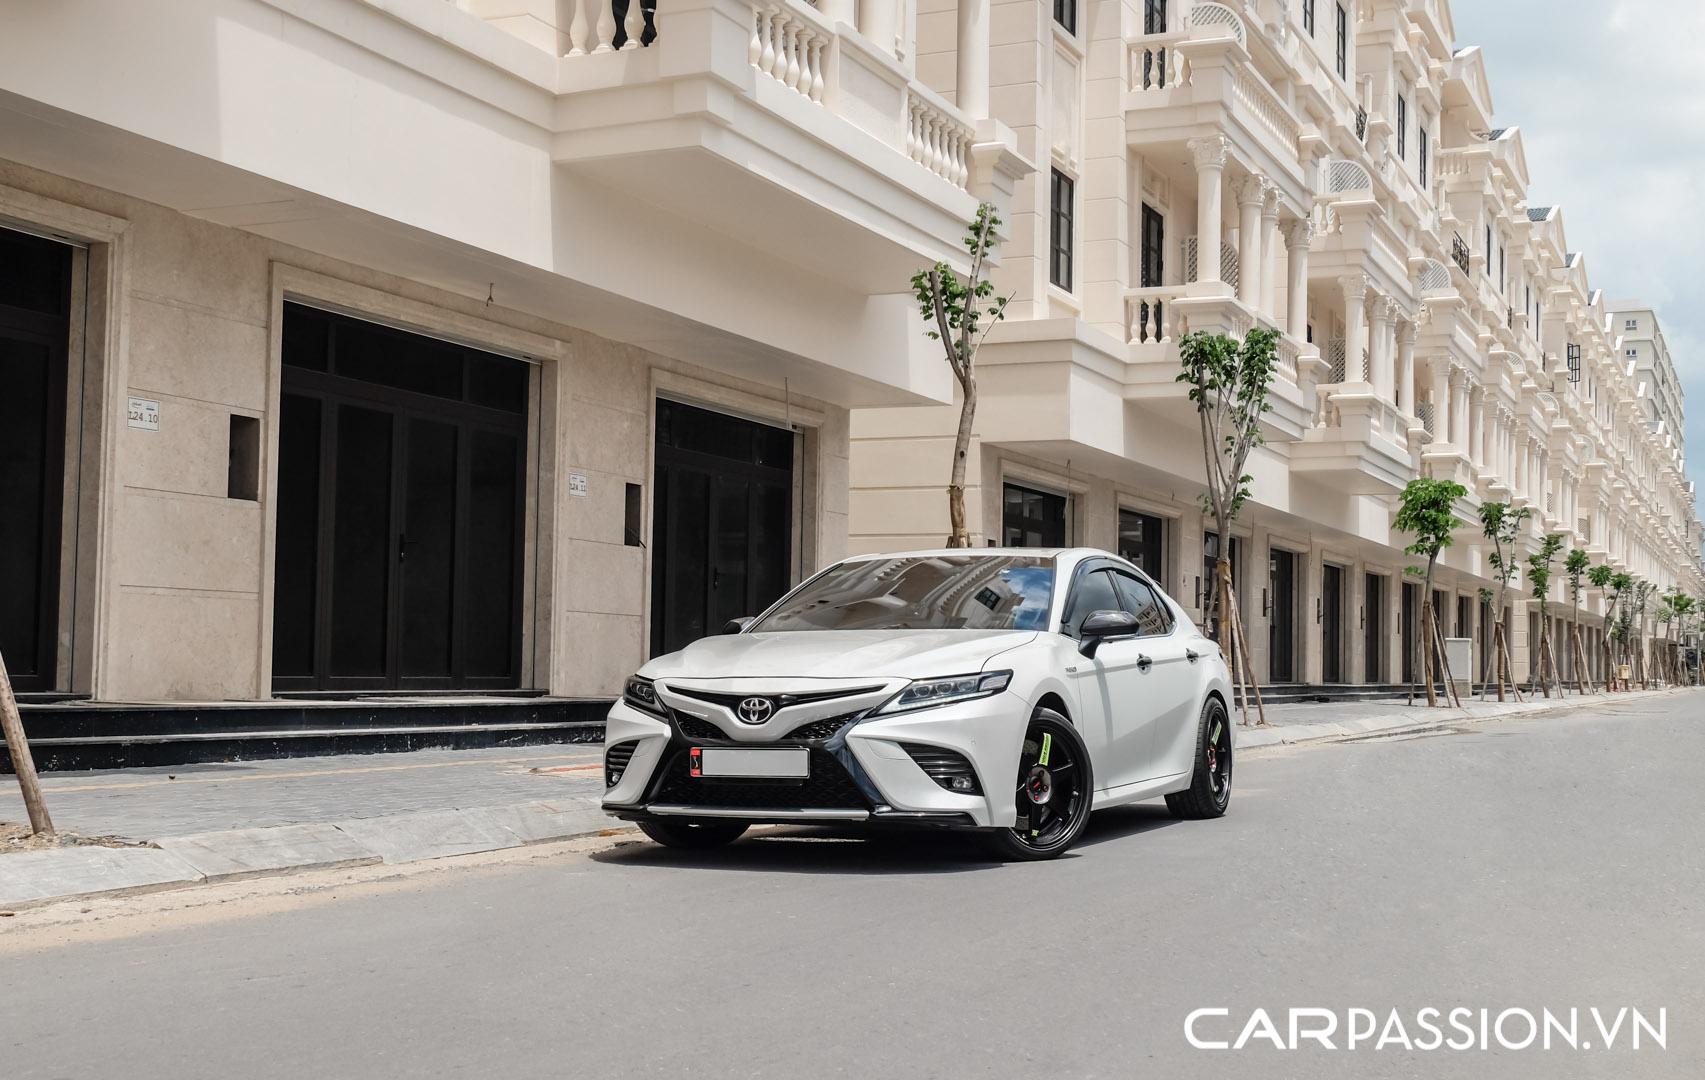 CP-Toyota Camry độ (3).jpg